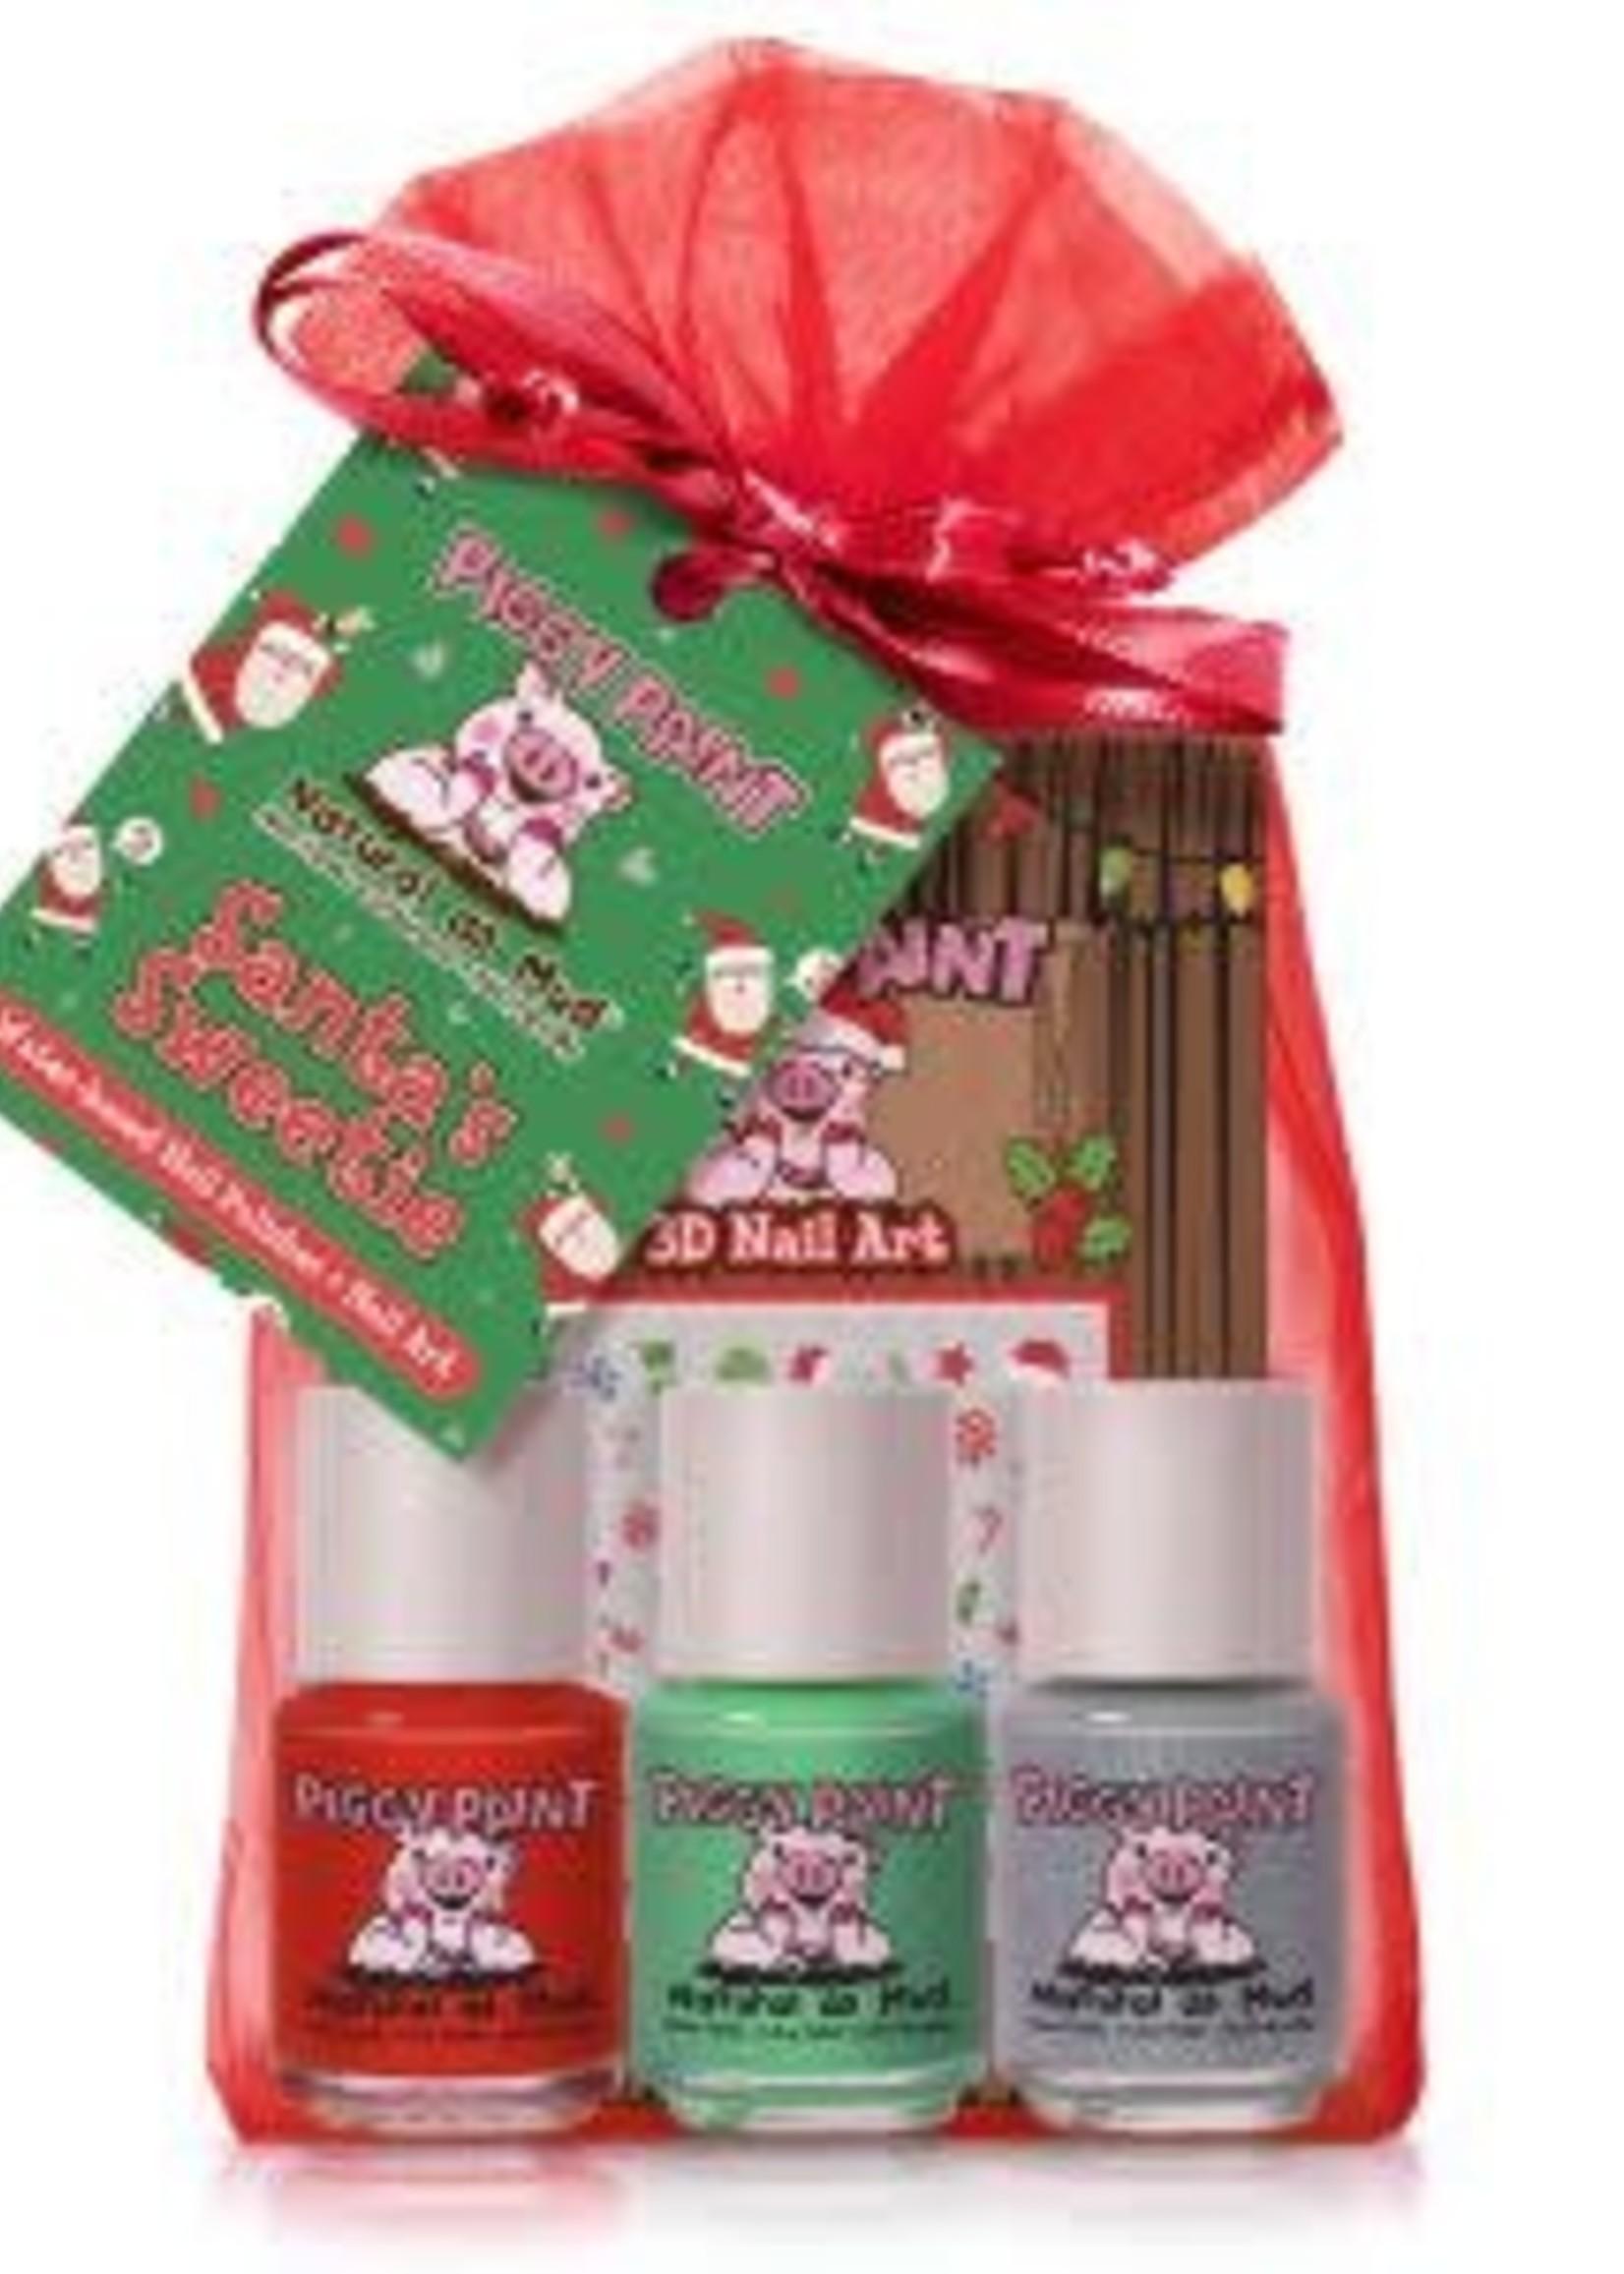 Piggy Paint Piggy Paint (Santa's Sweetie Set)